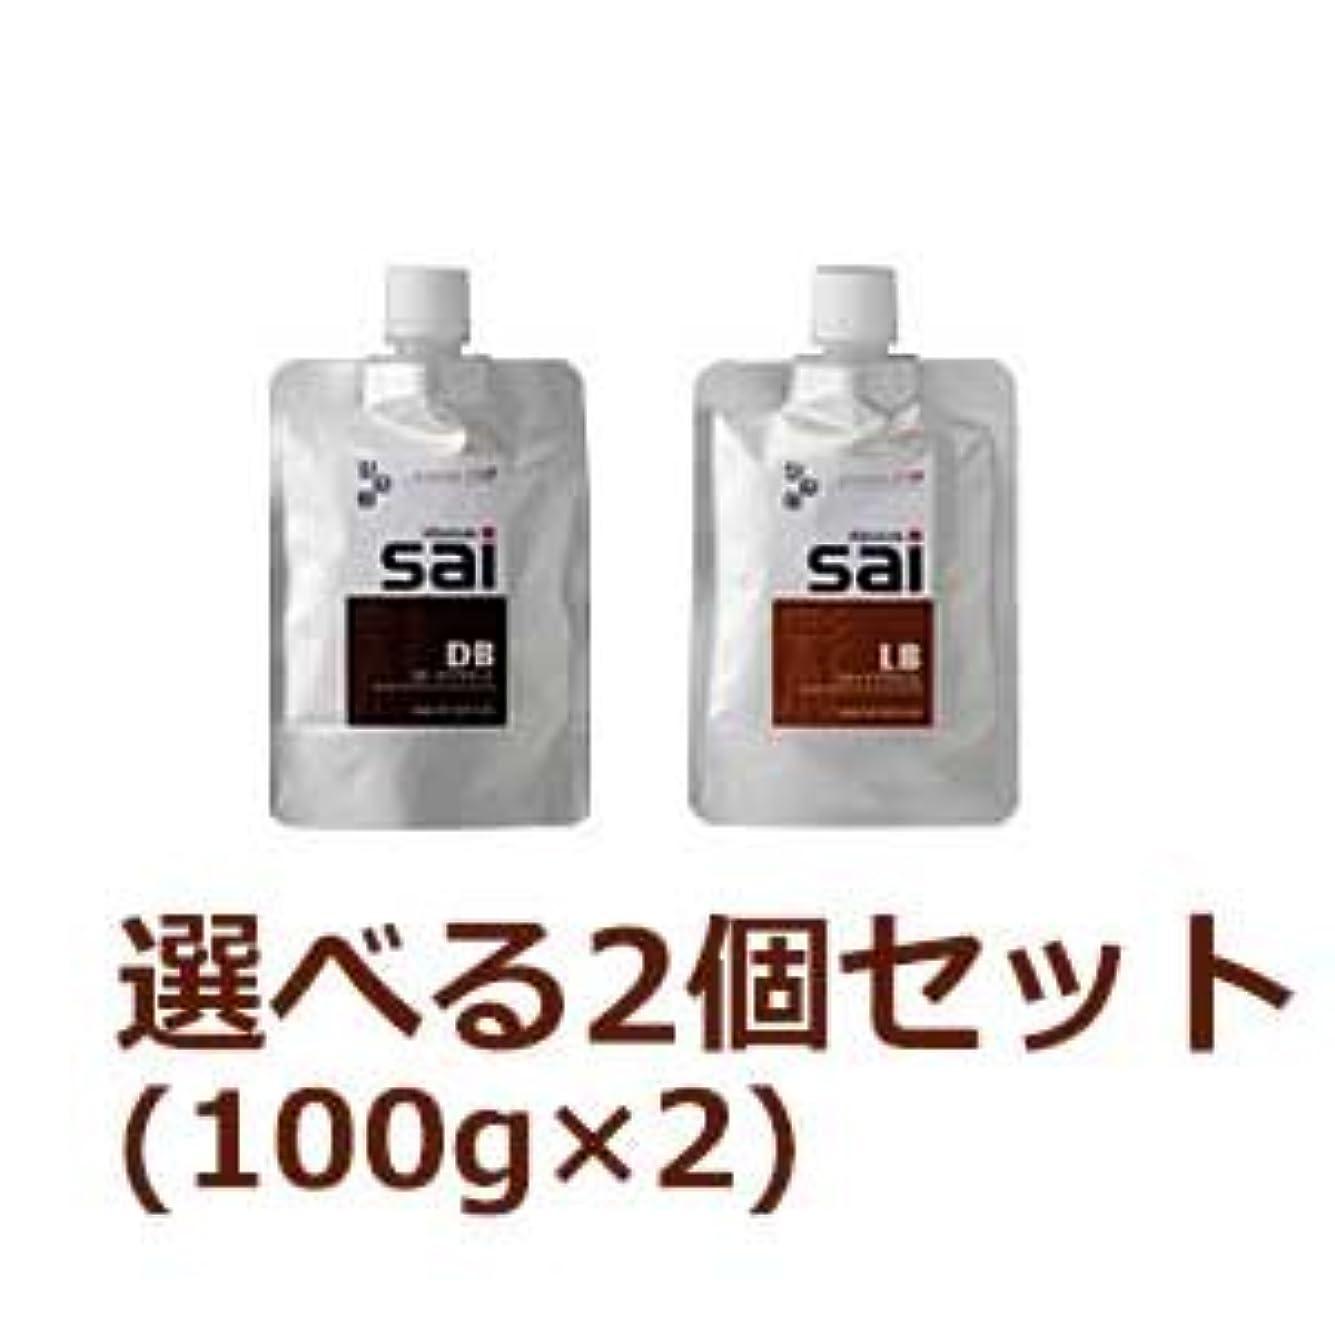 素晴らしさインフルエンザ疾患【2個セット】 エムズ ハーブカラートリートメント彩 sai 100g (DB×LBセット)